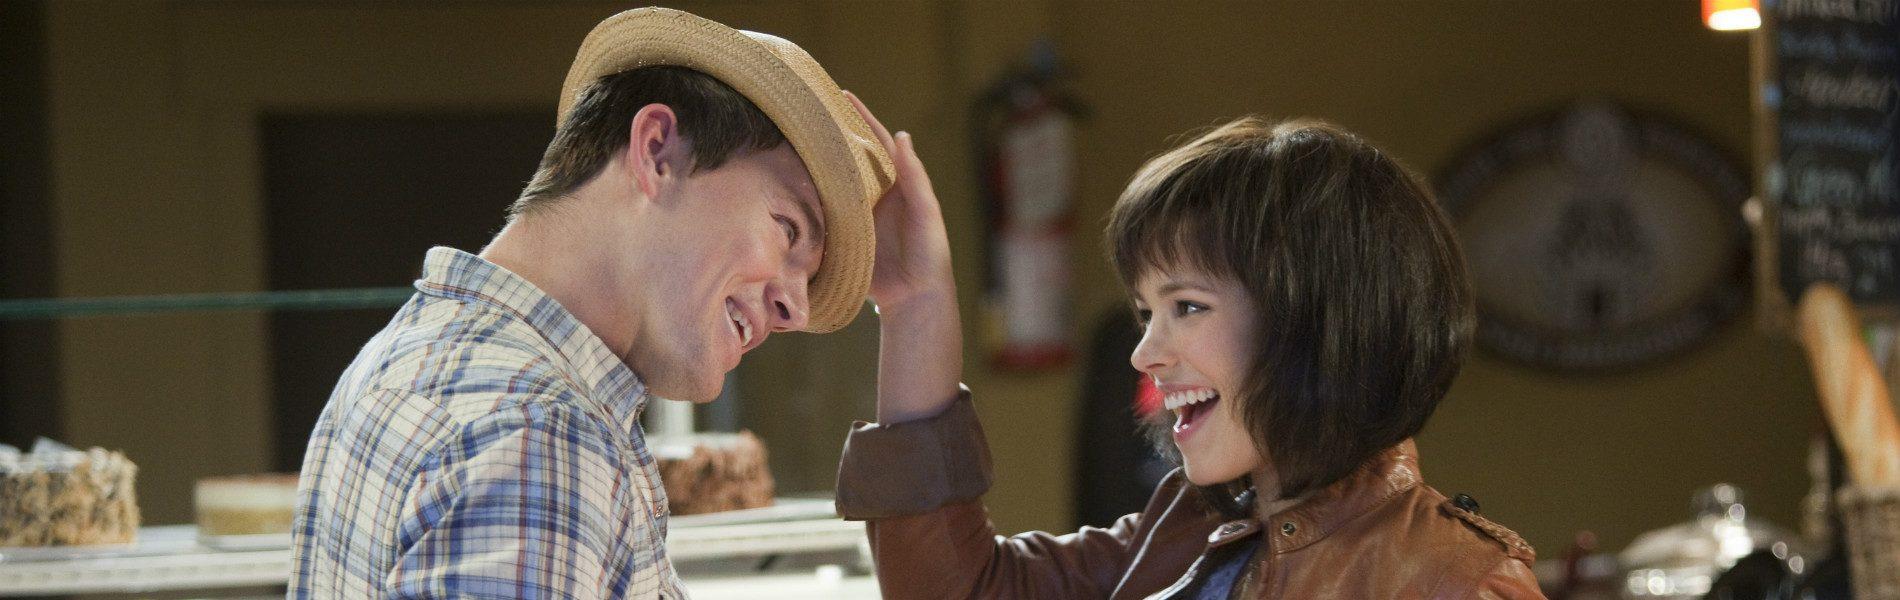 Rachel McAdams 5 legjobb filmje, amit nem szabad kihagynod